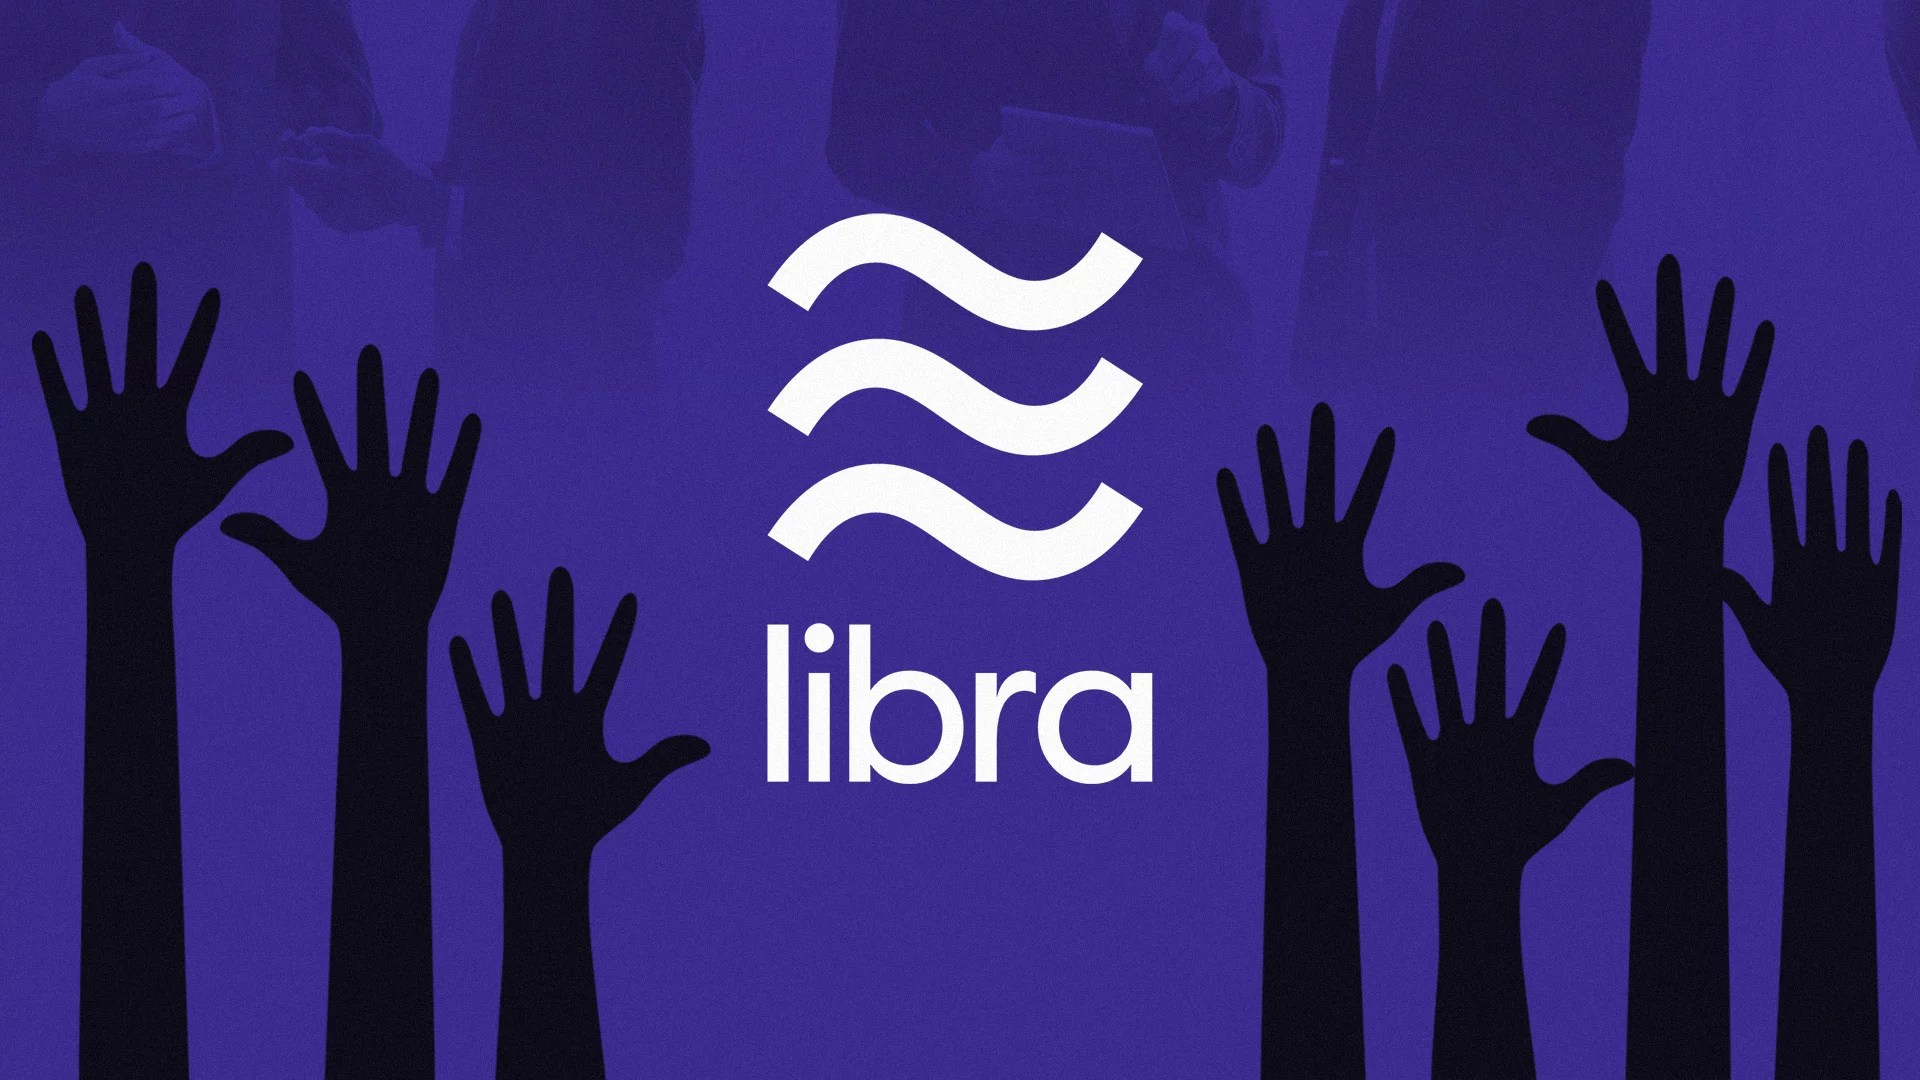 Firma de activos digitales Tagomi se convierte en miembro de la Asociación Libra